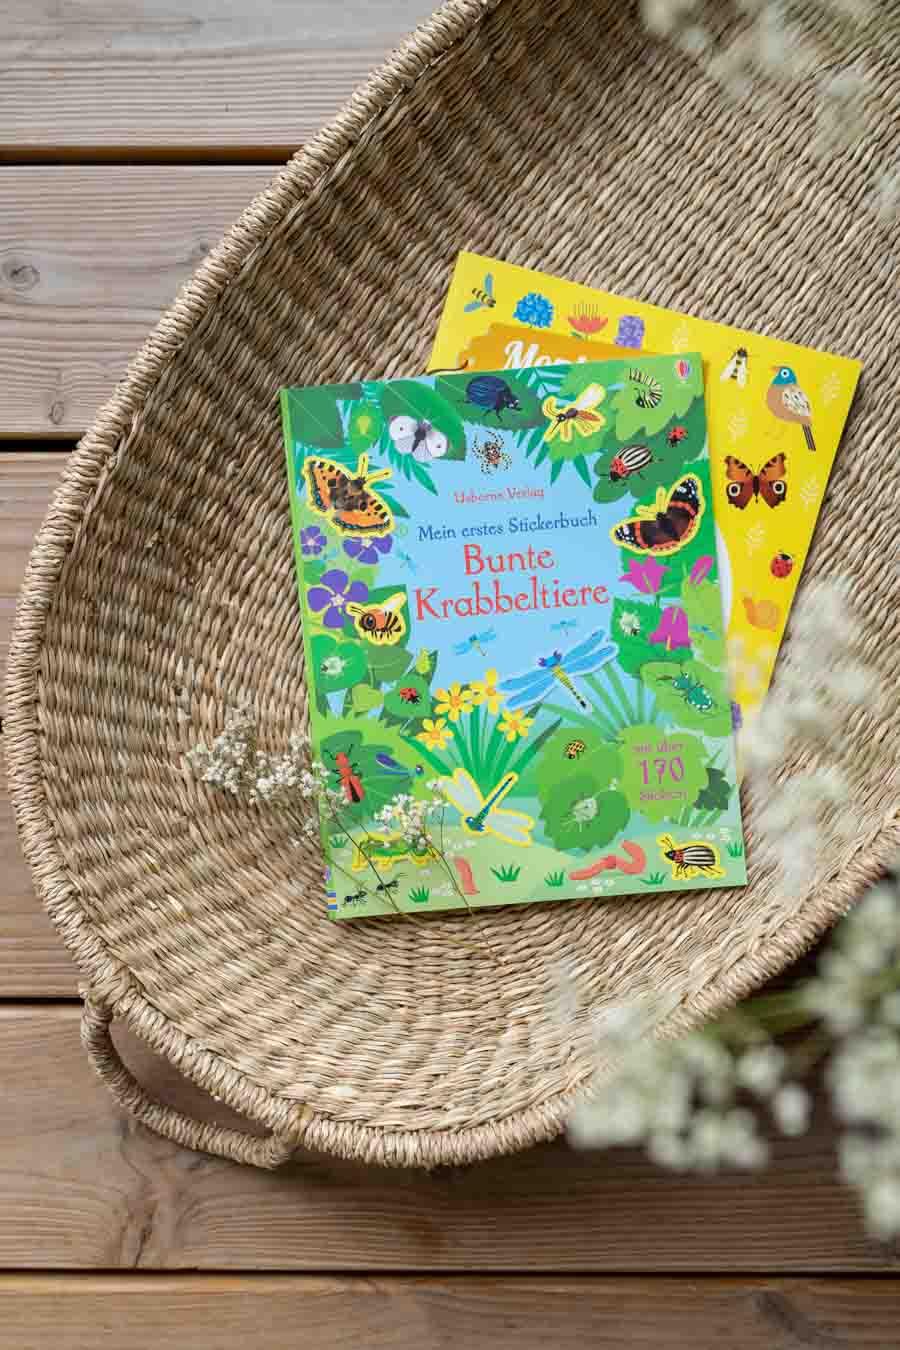 """Stickerbücher """"Bunte Krabbeltiere"""": Wir liefern 10 Ideen, um lange Reisen mit Kind (im Zug oder Auto) mit Freude zu überstehen. Spiele ohne Material, Lieder (Spotifylisten), erprobte Hörbücher & Apps, sowie (Sticker-)bücher und Spielideen die wenig Platz im Koffer brauchen. Beschäftigung und Spiele für Unterwegs. Für Kleinkinder und Eltern die Urlaub mit Kind #spielideen #reisen #nachhaltigreisen"""